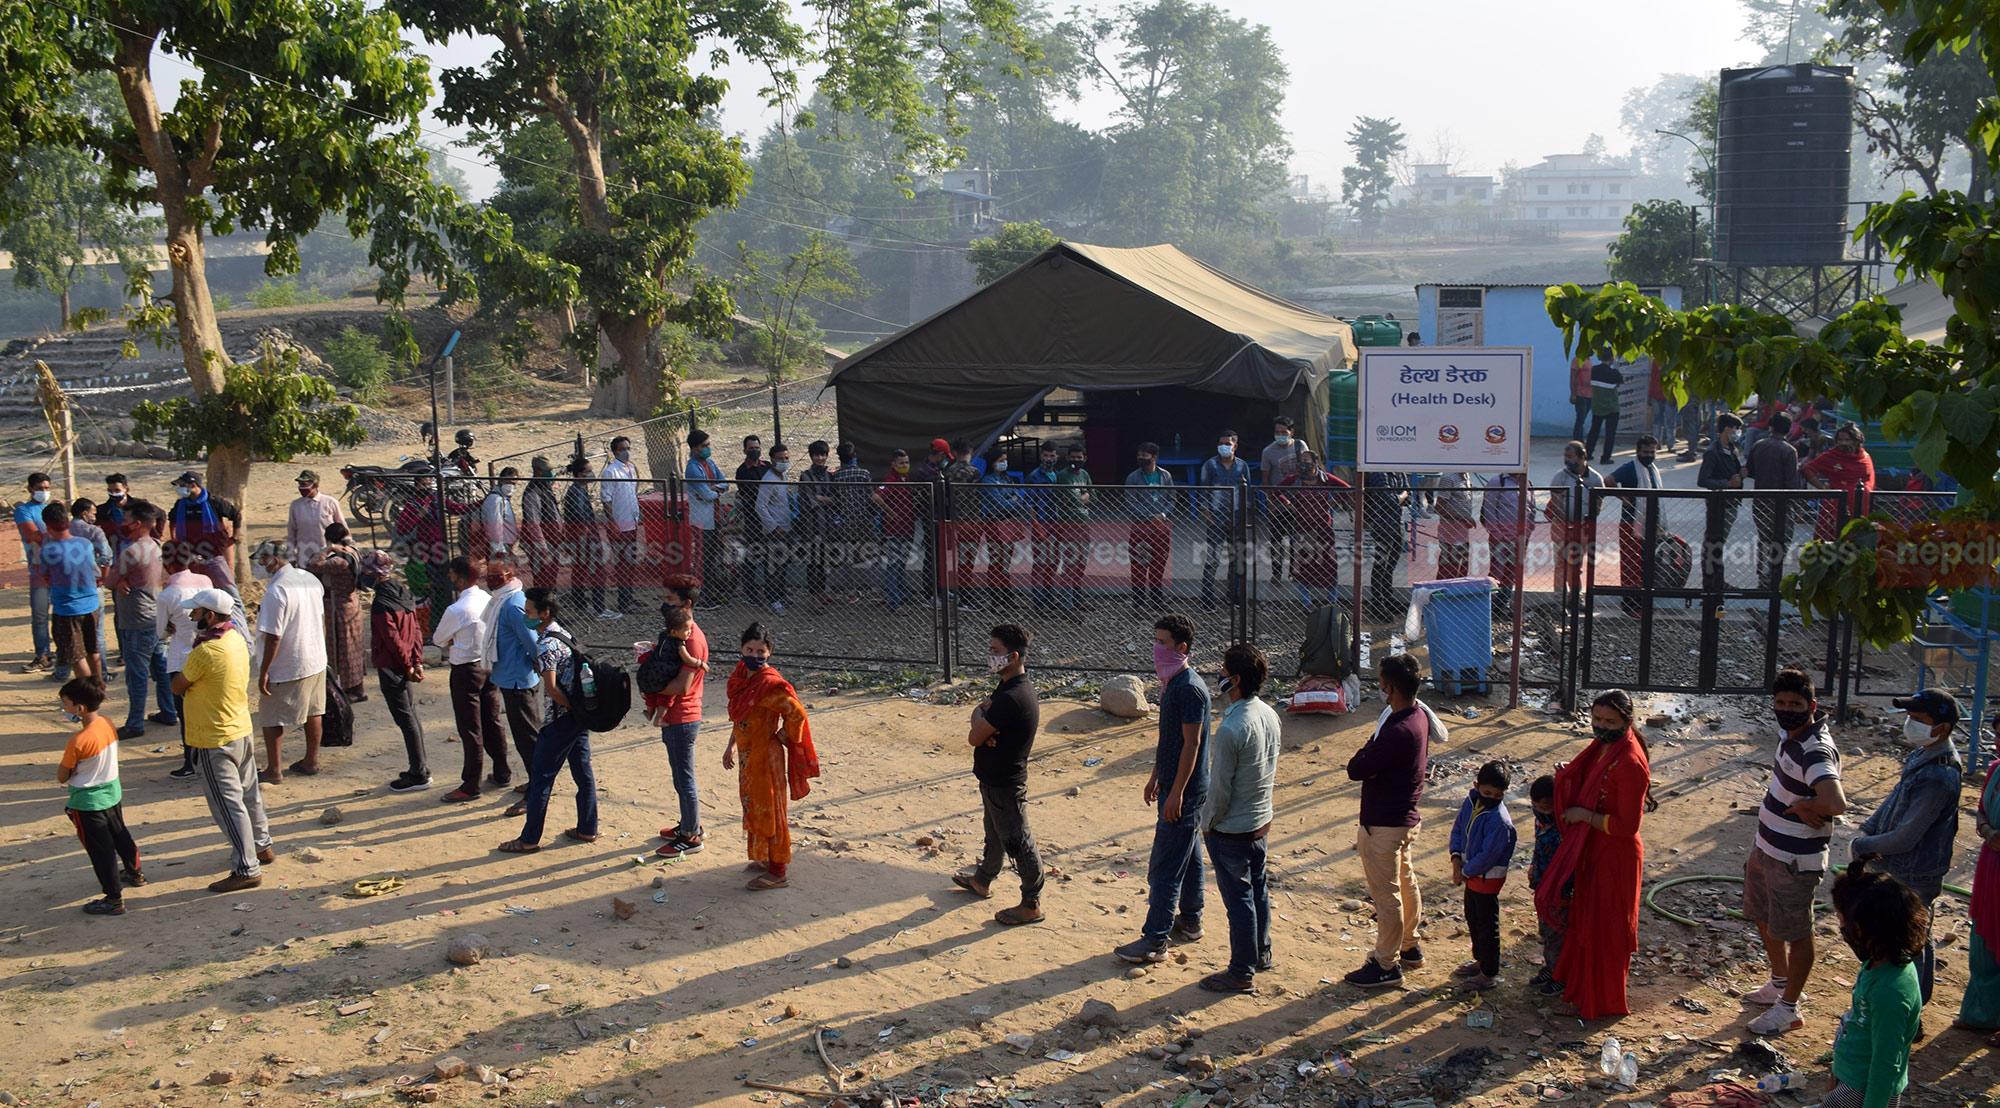 नाकामा भारतबाट फर्कनेको लर्को, १२ हजार बढी परीक्षणबिनै घर पुगे (भिडियोसहित)